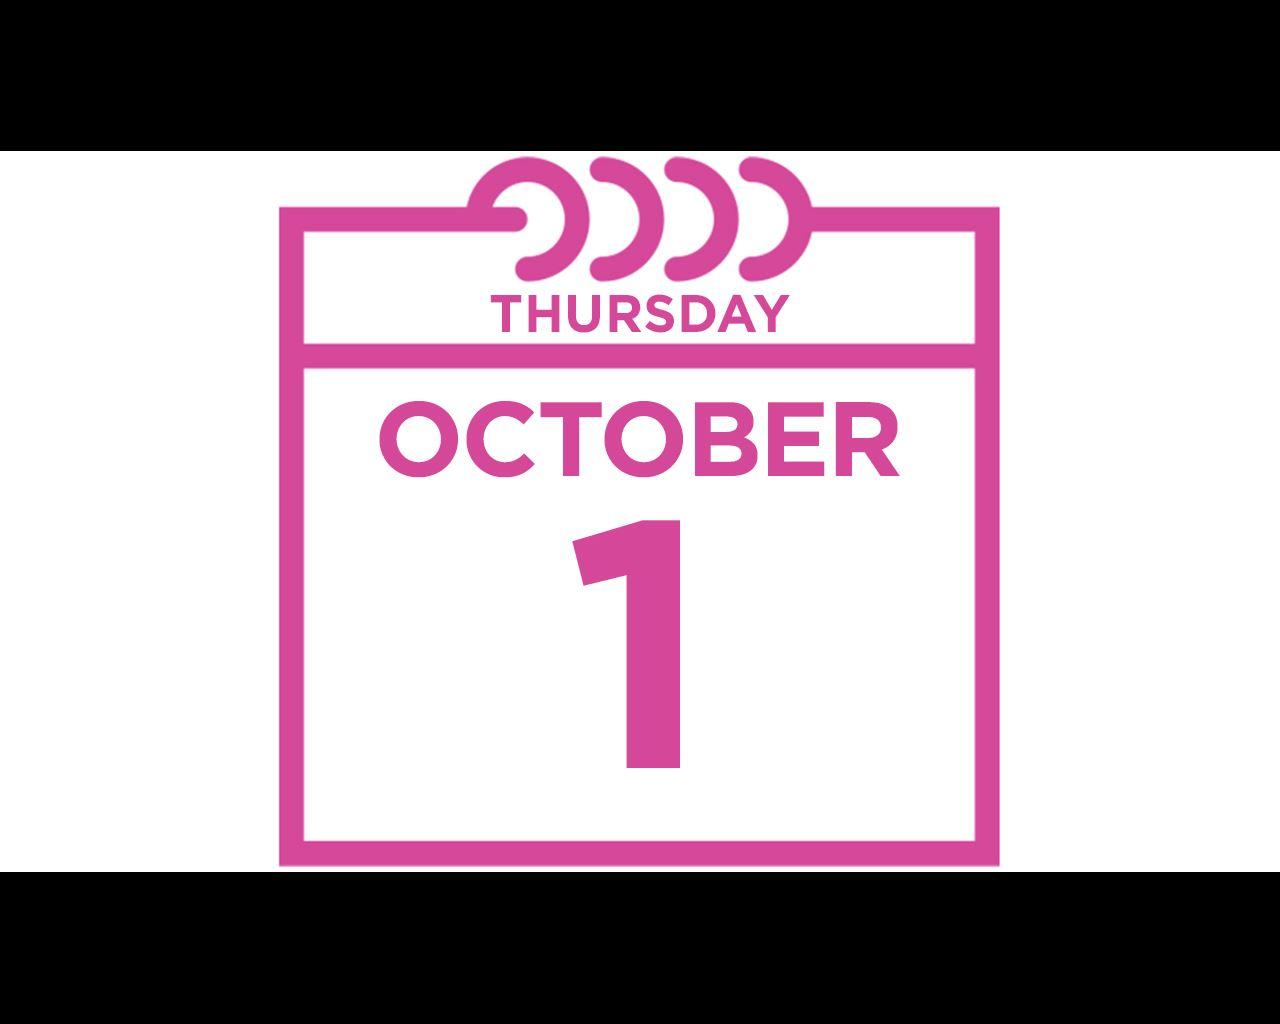 thursday october 1